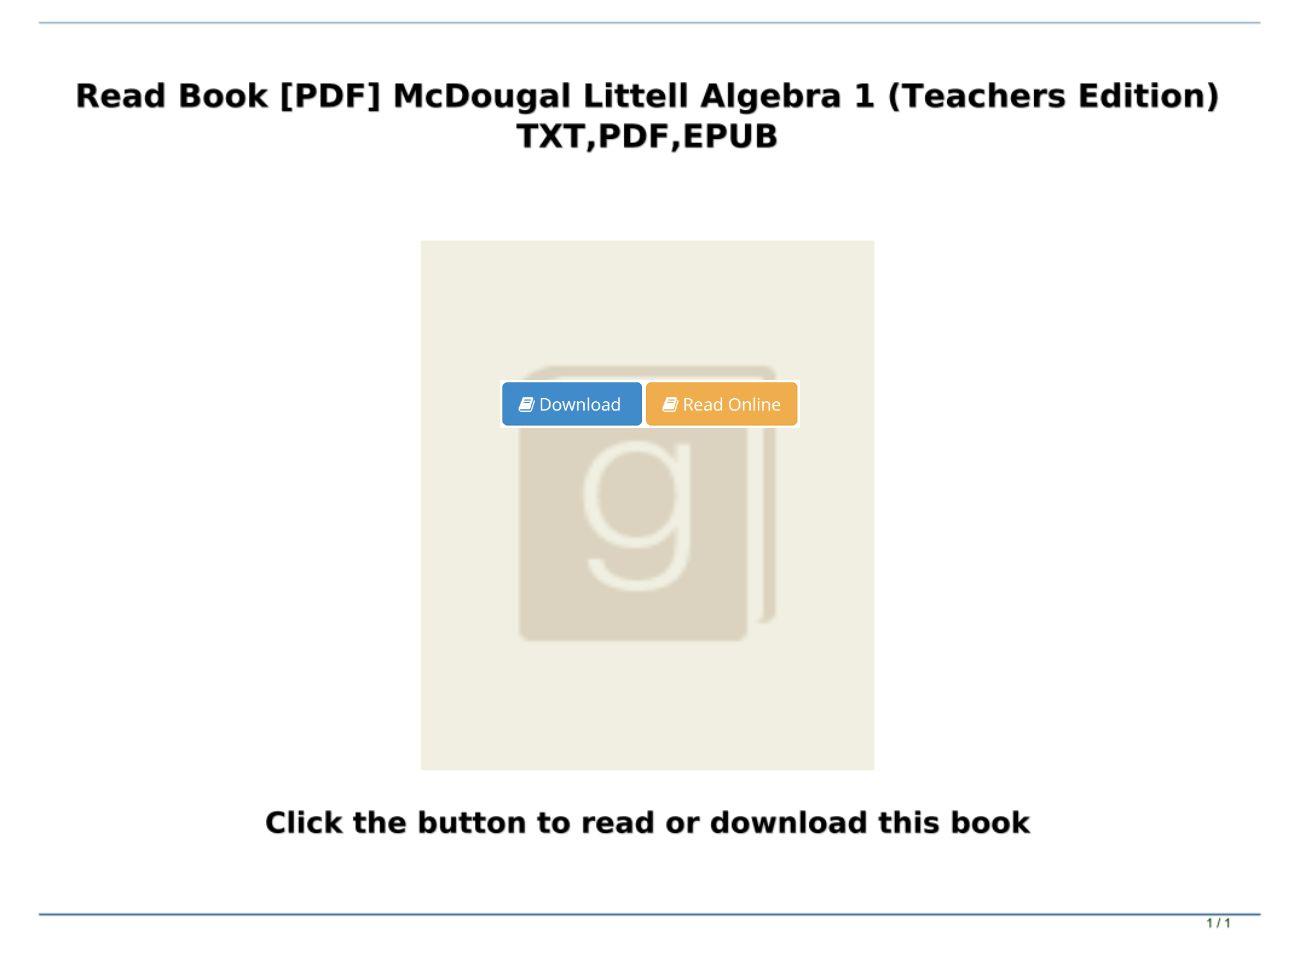 Mcdougal Littell Algebra 1 Pdf